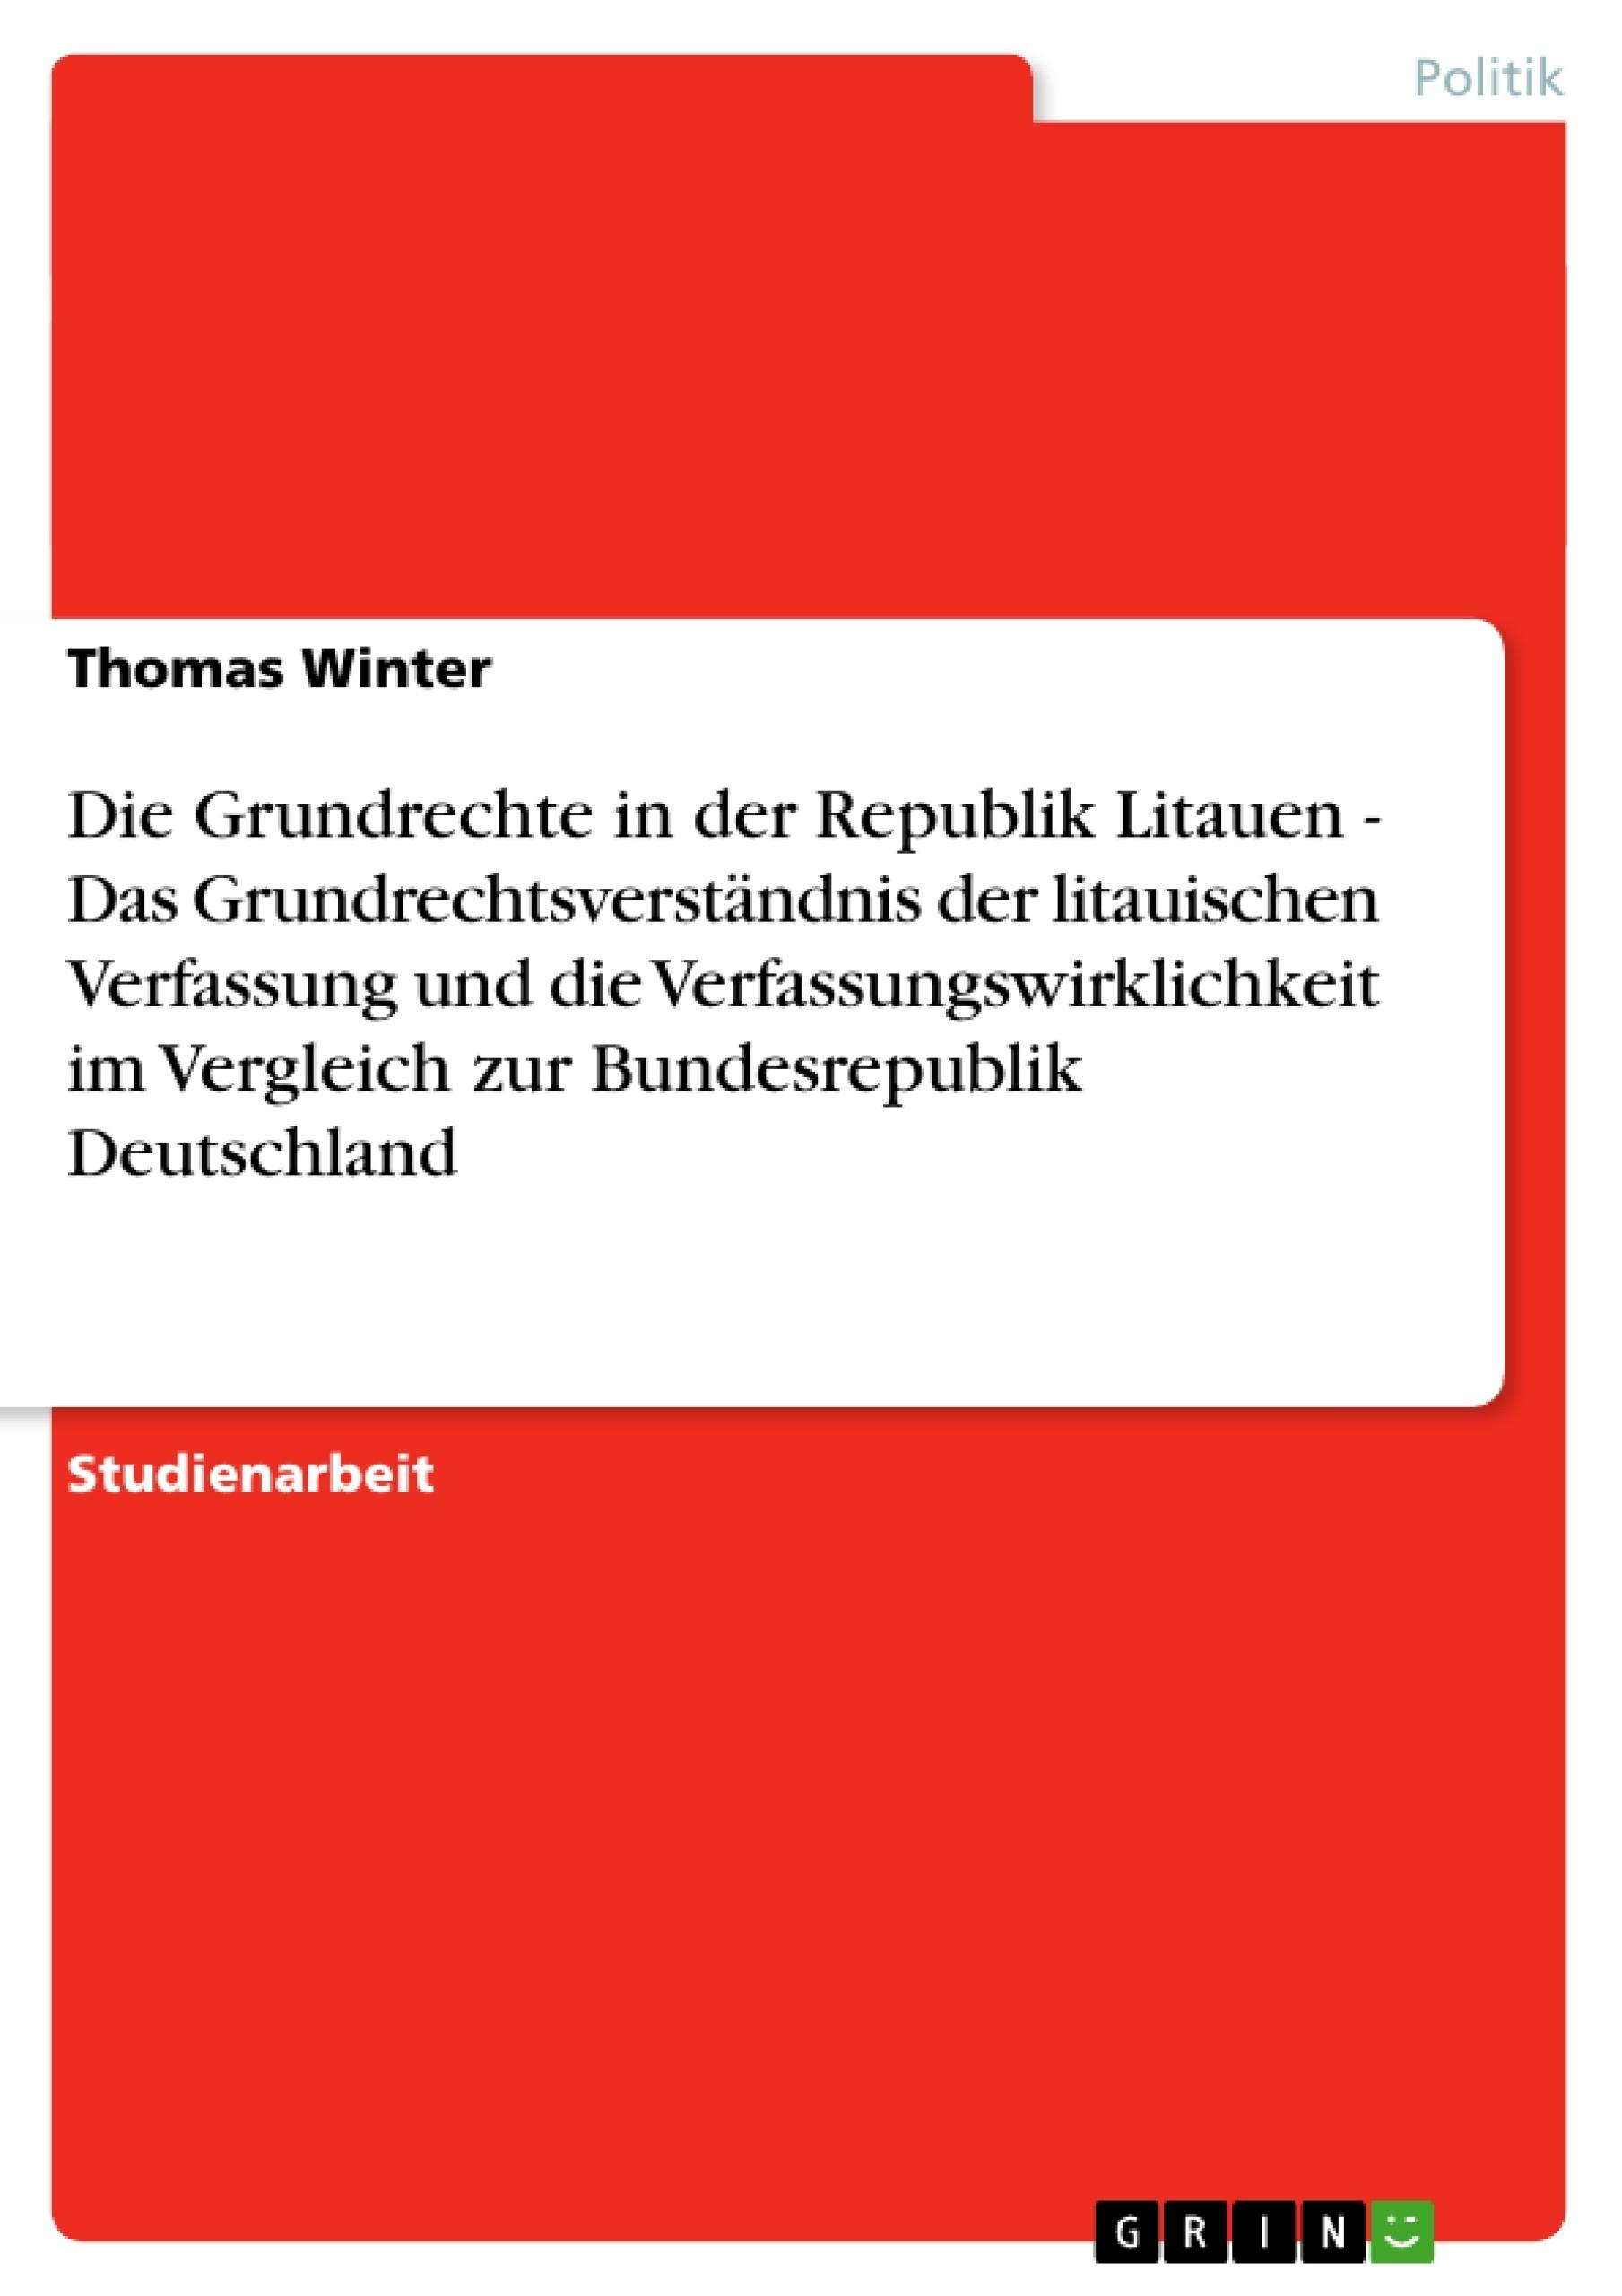 Titel: Die Grundrechte in der Republik Litauen - Das Grundrechtsverständnis der litauischen Verfassung und die Verfassungswirklichkeit im Vergleich zur Bundesrepublik Deutschland